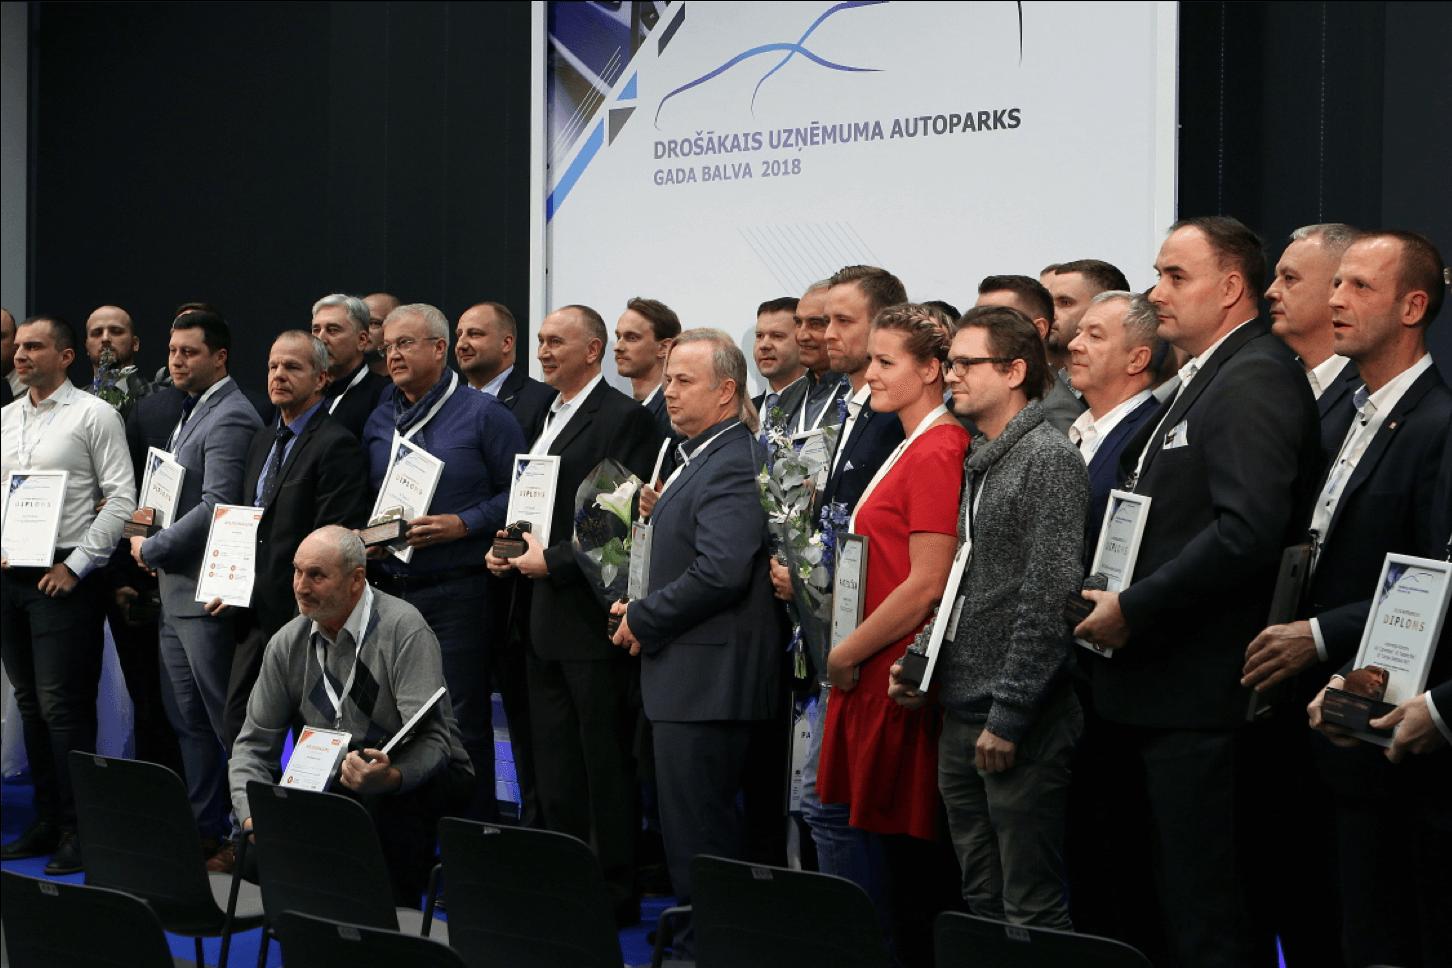 """Aicina pieteikties Smiltenes novada uzņēmumus gada balvai """"Drošākais uzņēmuma autoparks 2019"""""""